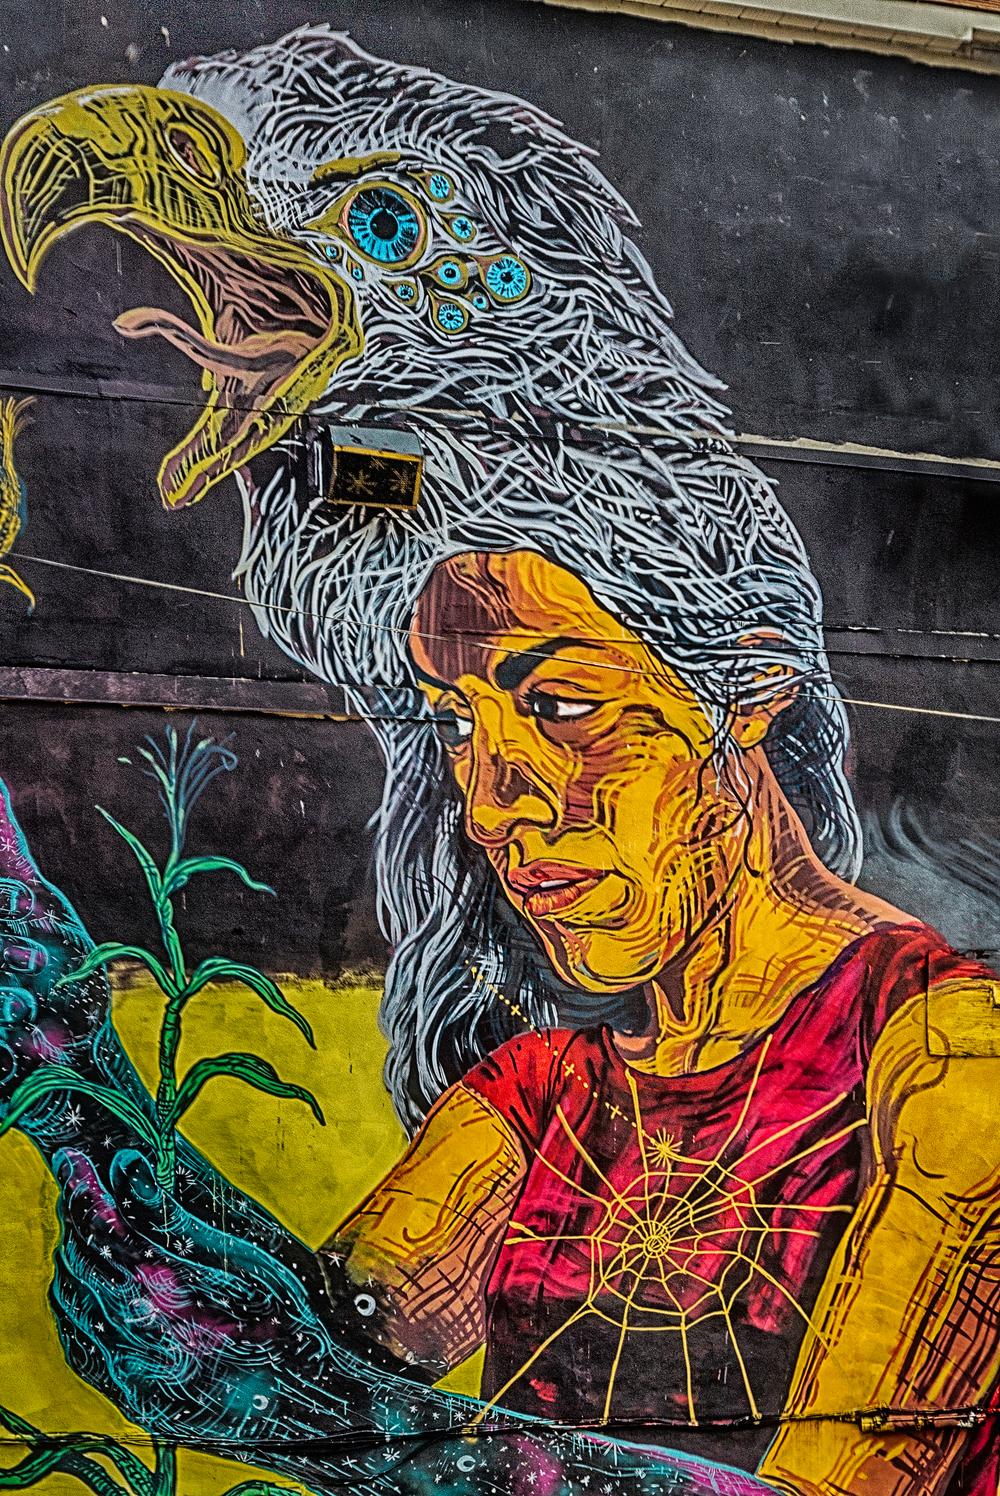 20140614_Publc Art-Mural Festival_IMG_4567_HDR-M.jpg